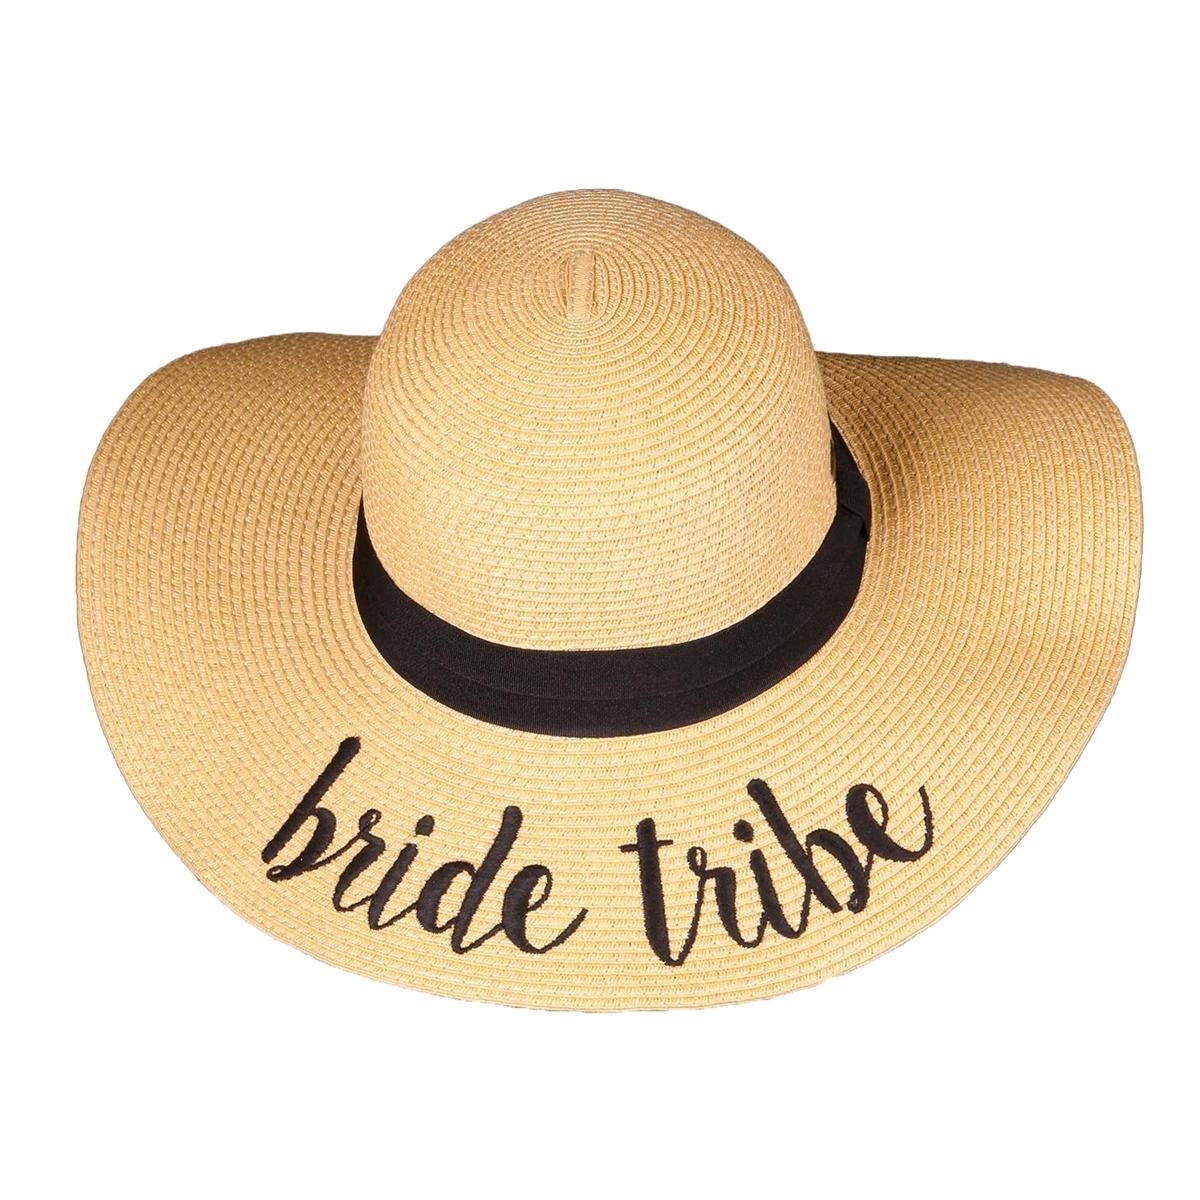 2e0a7c1e97306 Fashion Culture Bride Tribe Bridal Floppy Straw Sun Hat